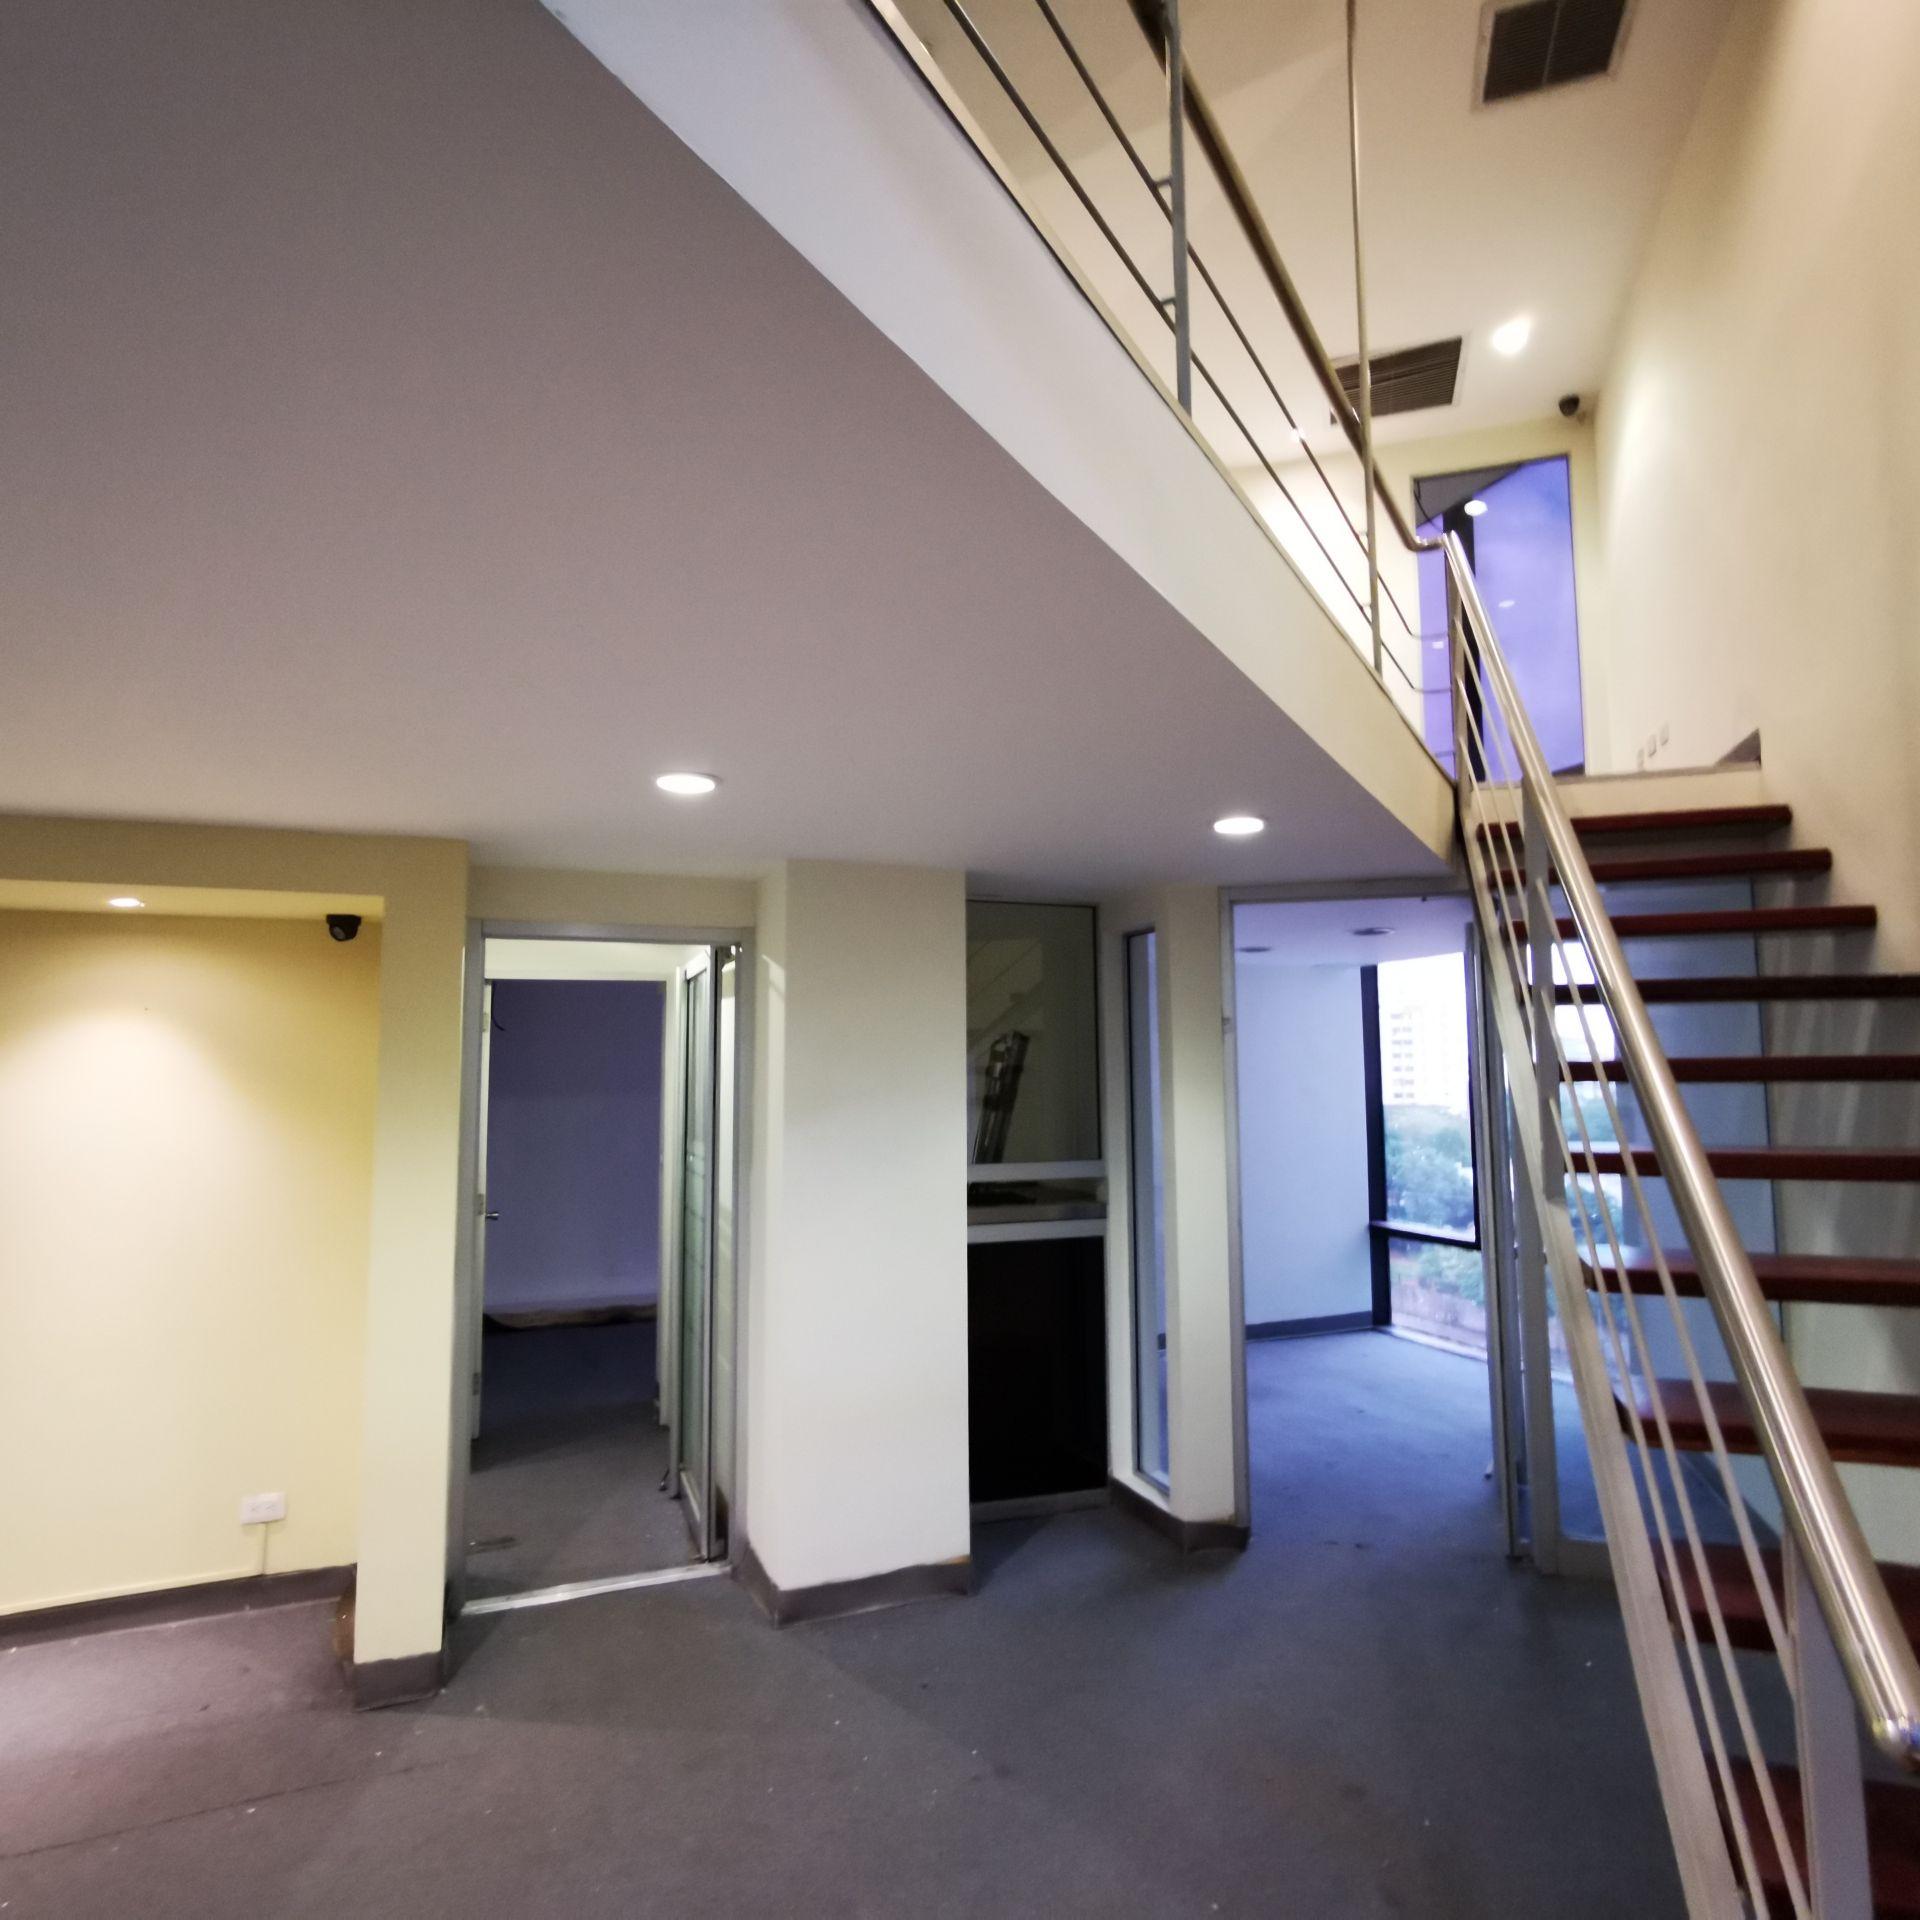 Alquiler de Local de Oficinas en Piantini - 150mts2 y 300 Parqueos